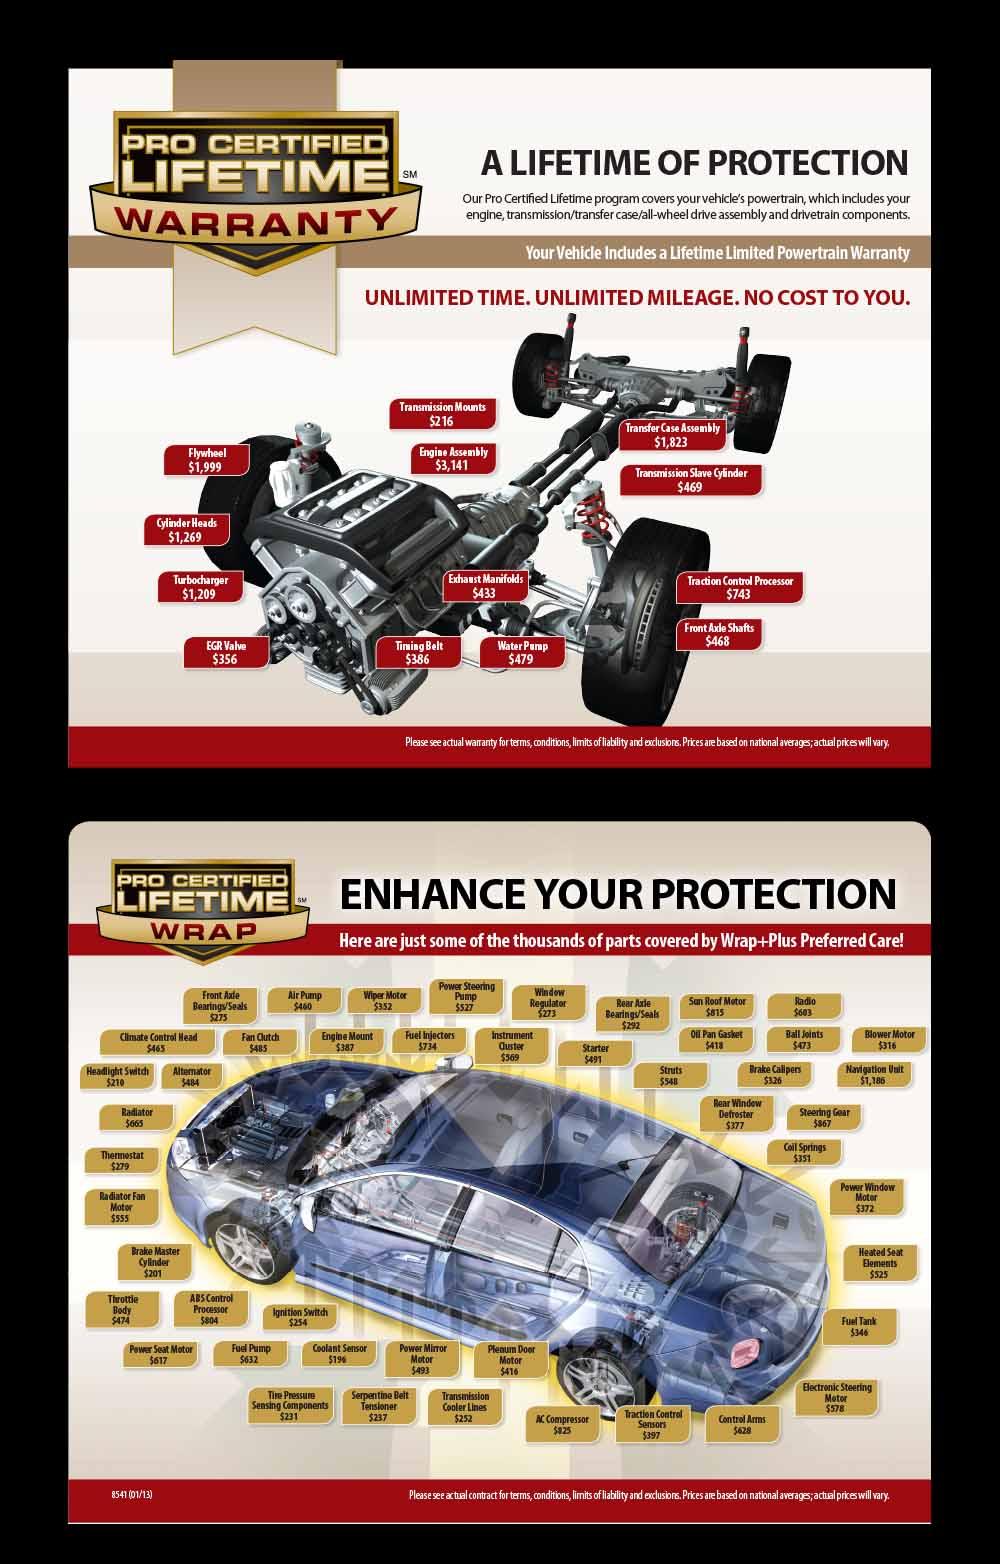 Harr Motors Is Home Of The Lifetime Warranty Harr Motors